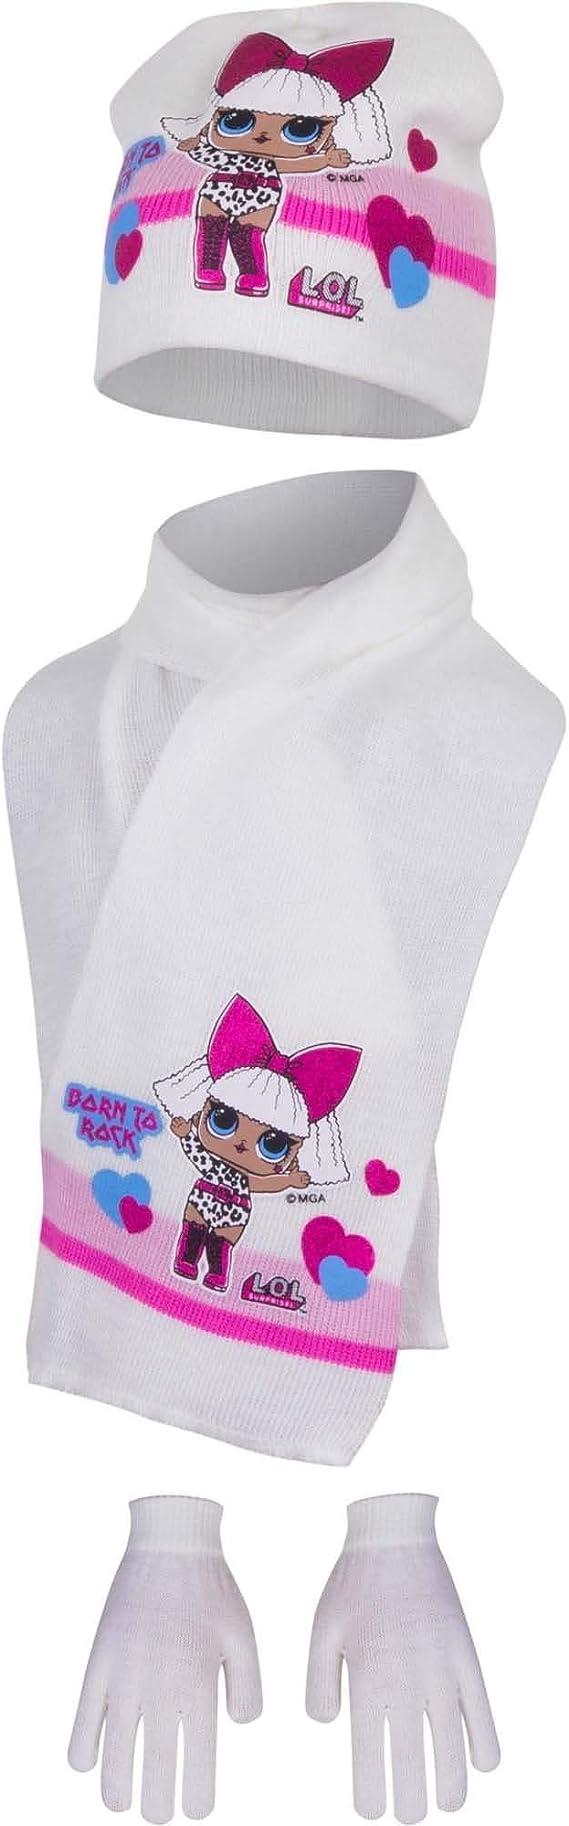 Bambina Vari Modelli- Full Print Guanti Set Invernale 2pz Cappello Prodotto Originale Art. 18-288 LOL Surprise!